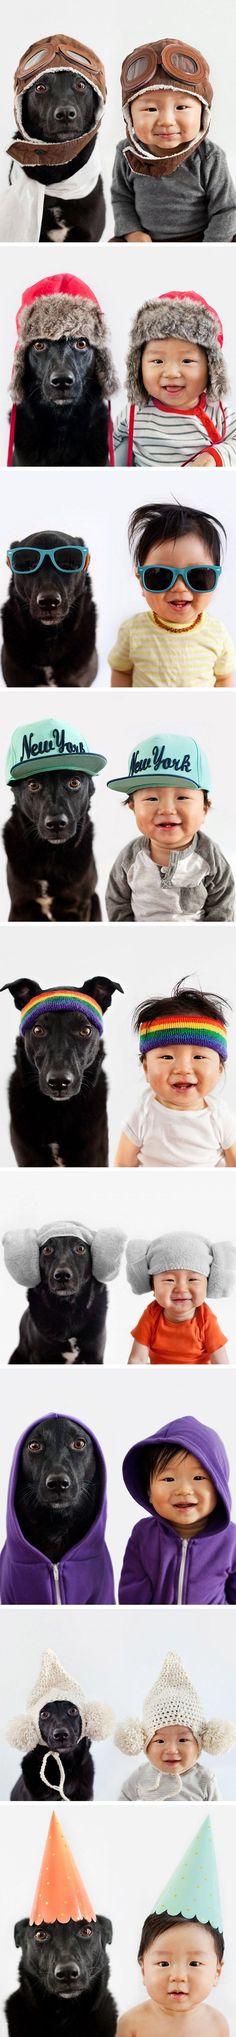 Eles também são bebês  #pet #baby #animais